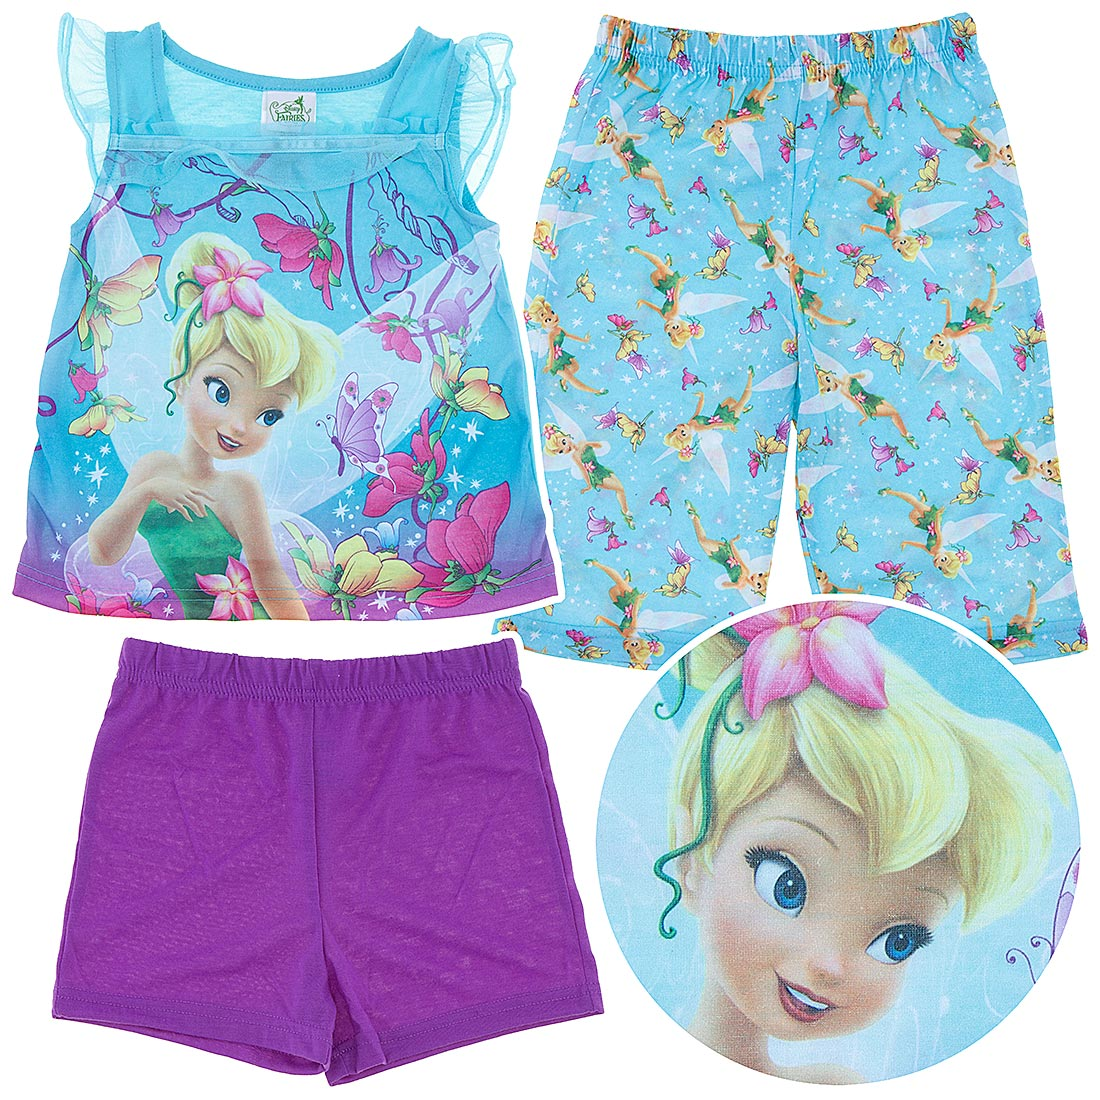 Tinkerbell Pajamas for Toddler Girls